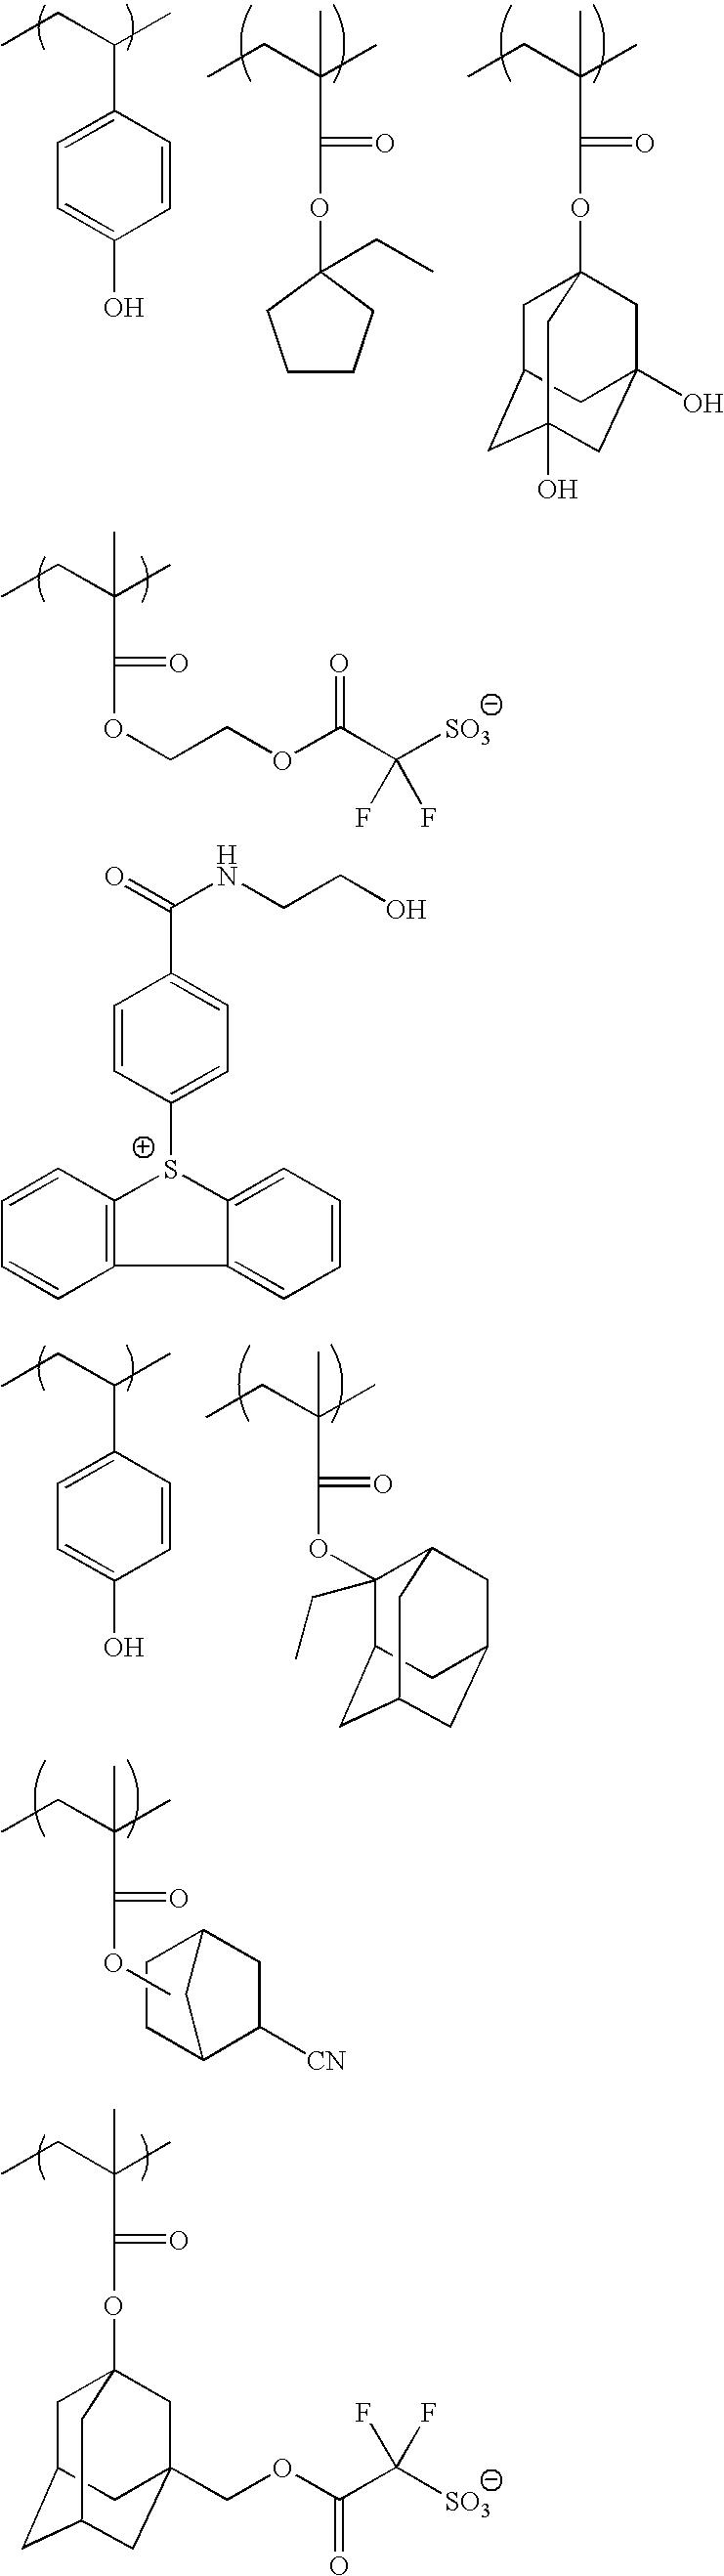 Figure US08852845-20141007-C00193